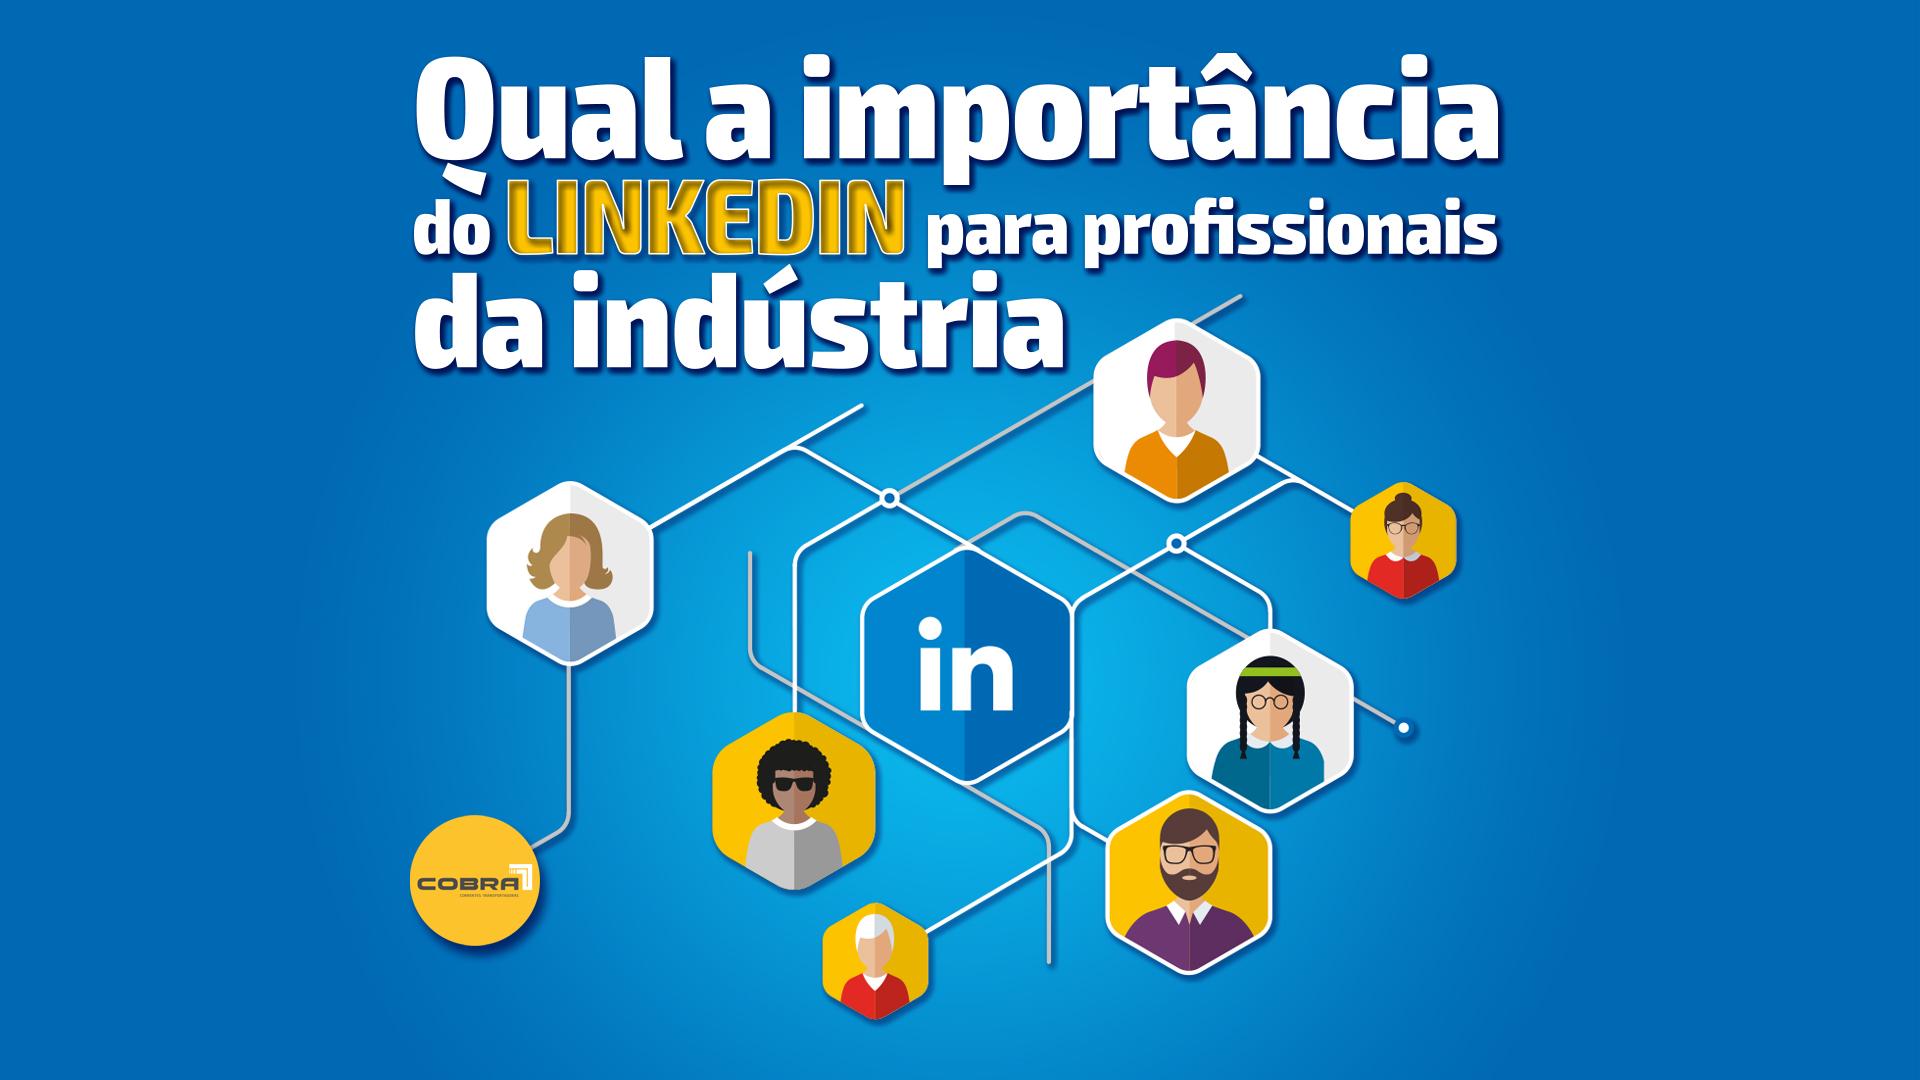 Qual a importância do LinkedIn para profissionais da indústria?